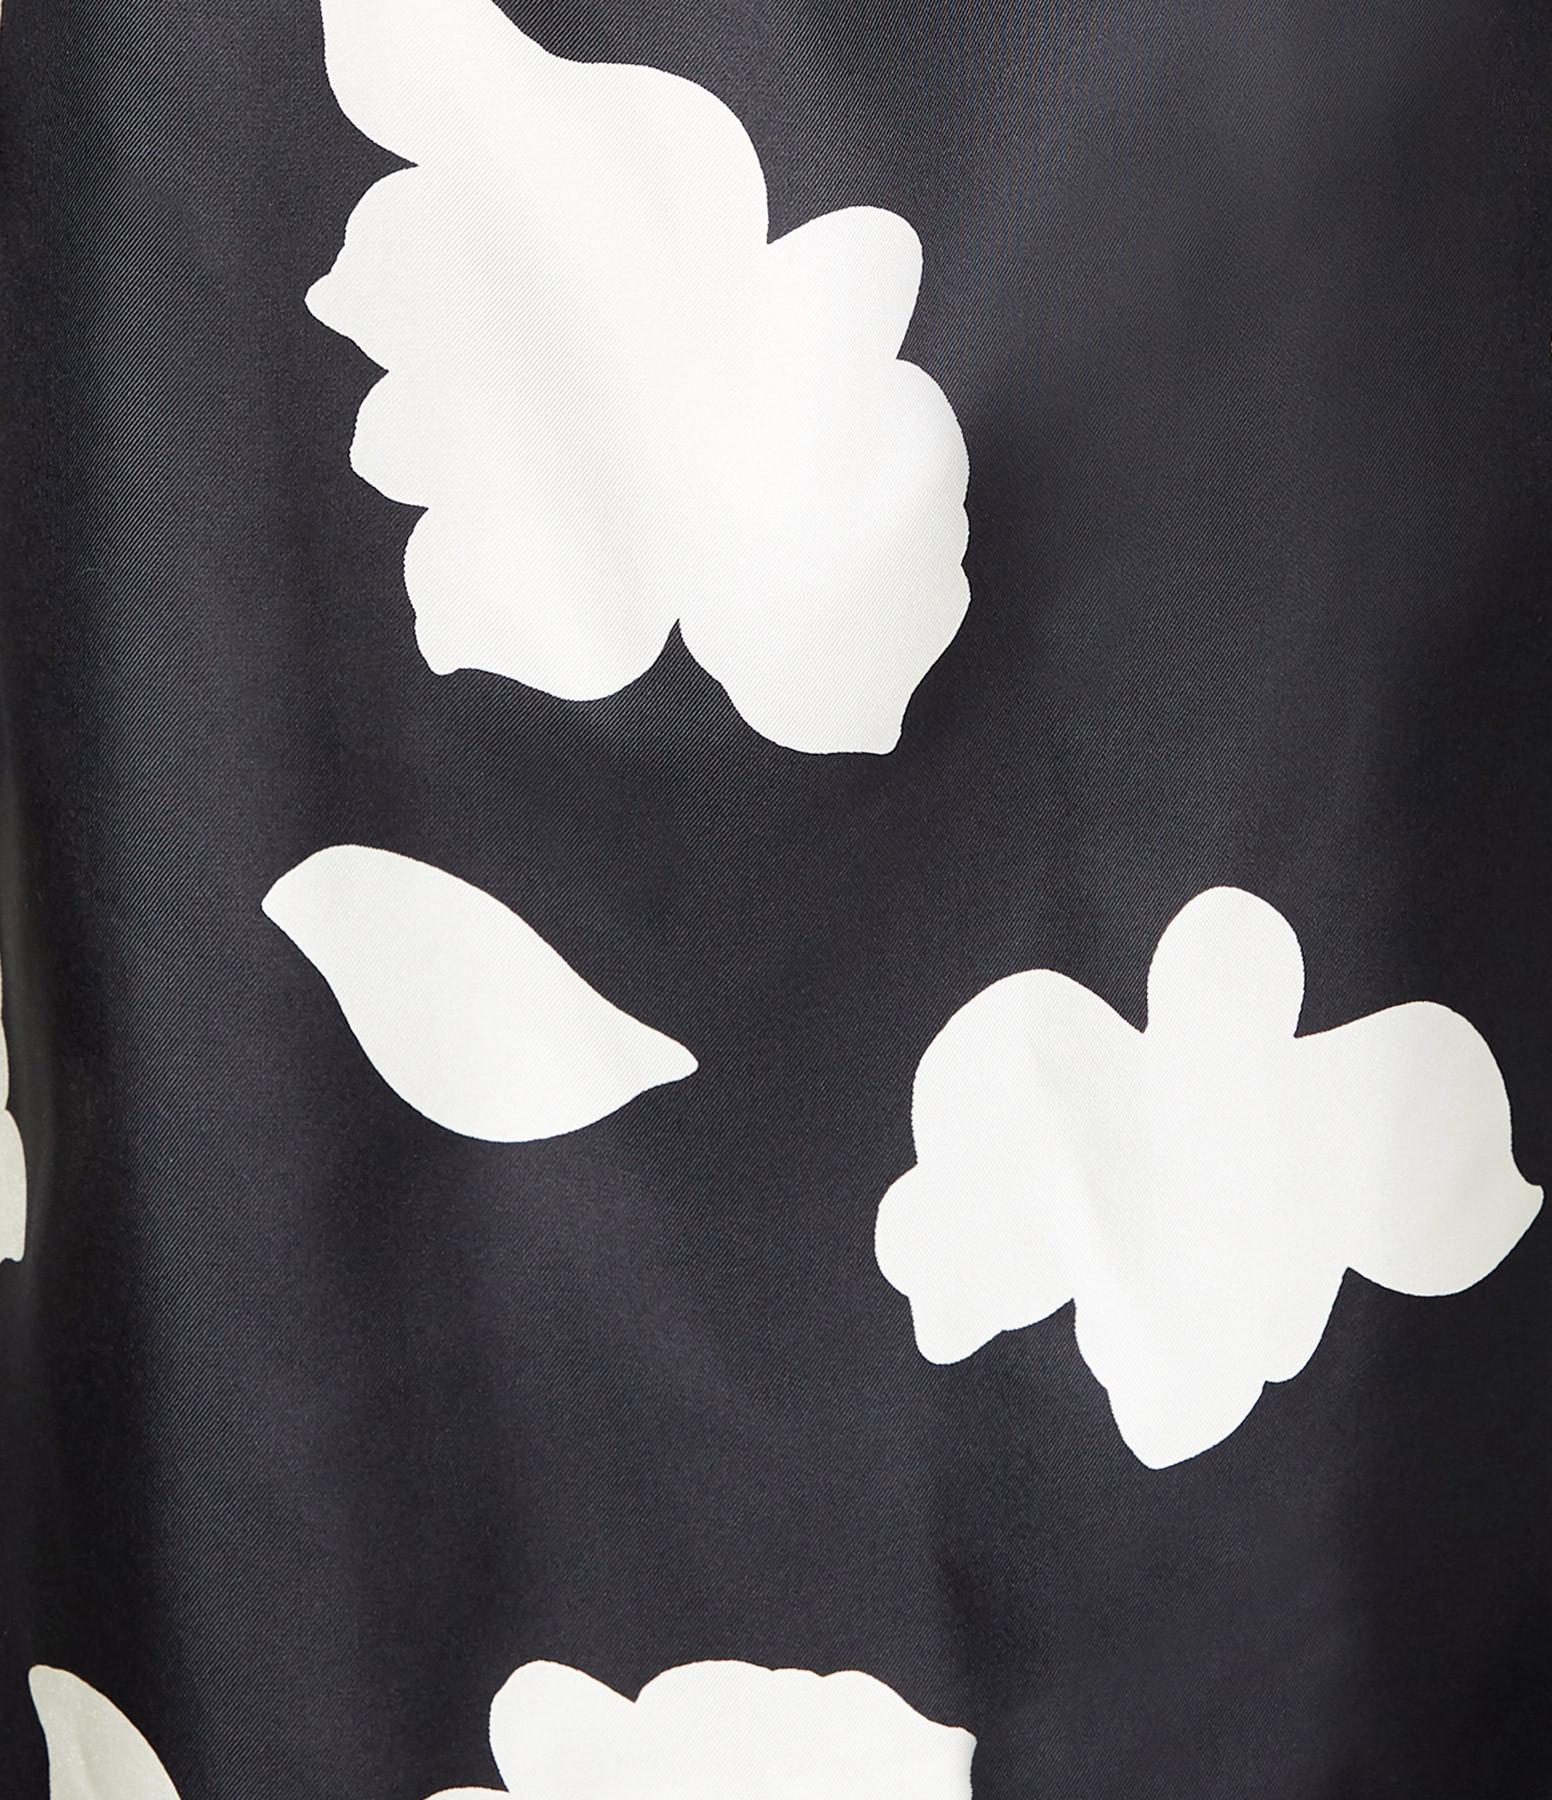 THEORY - Blouse Imprimé Pétale Soie Noir